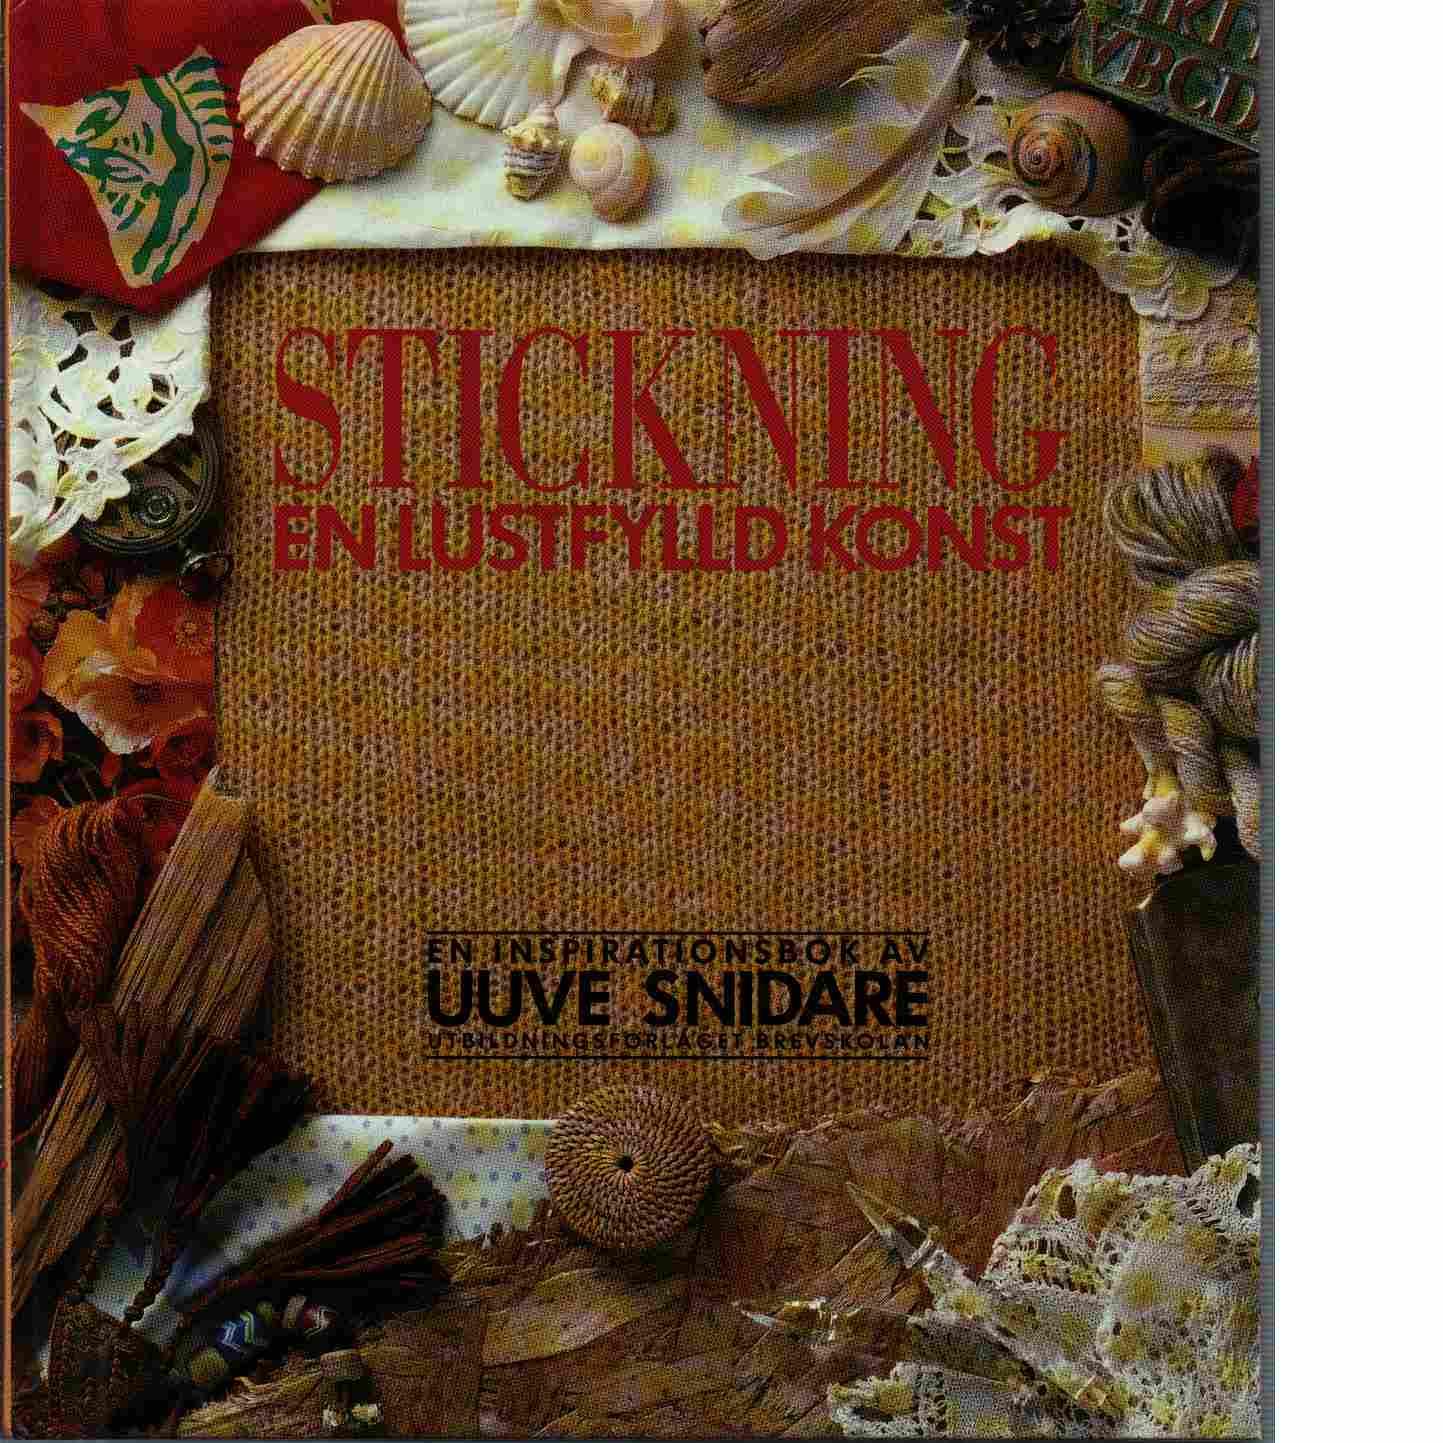 Stickning : en lustfylld konst - Snidare, Uuve